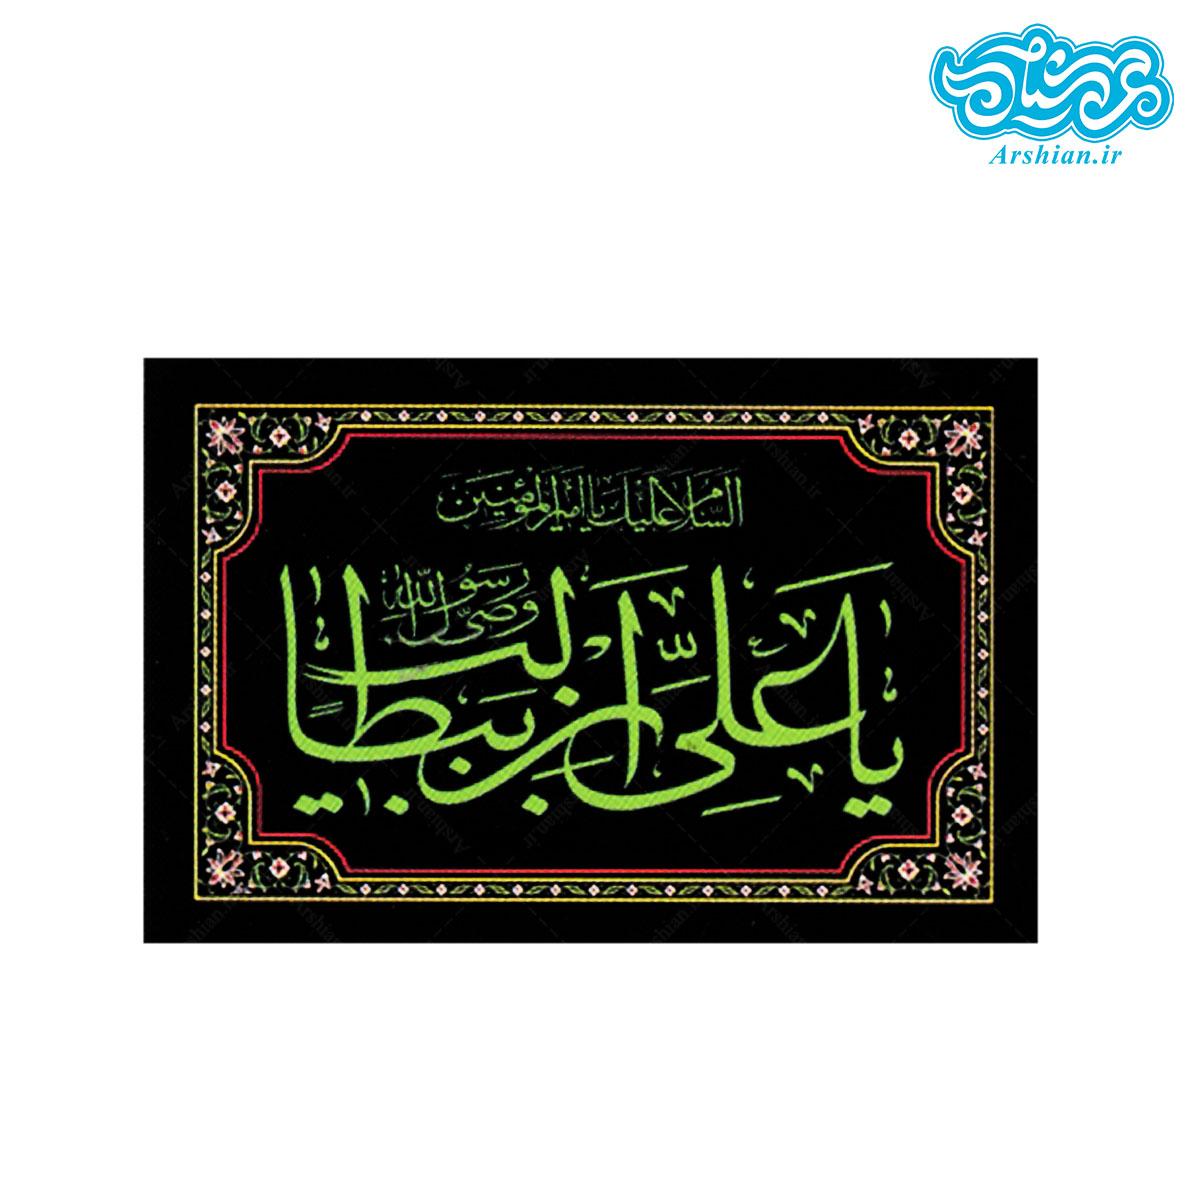 پرچم سردرب یا علی بن ابیطالب کد003